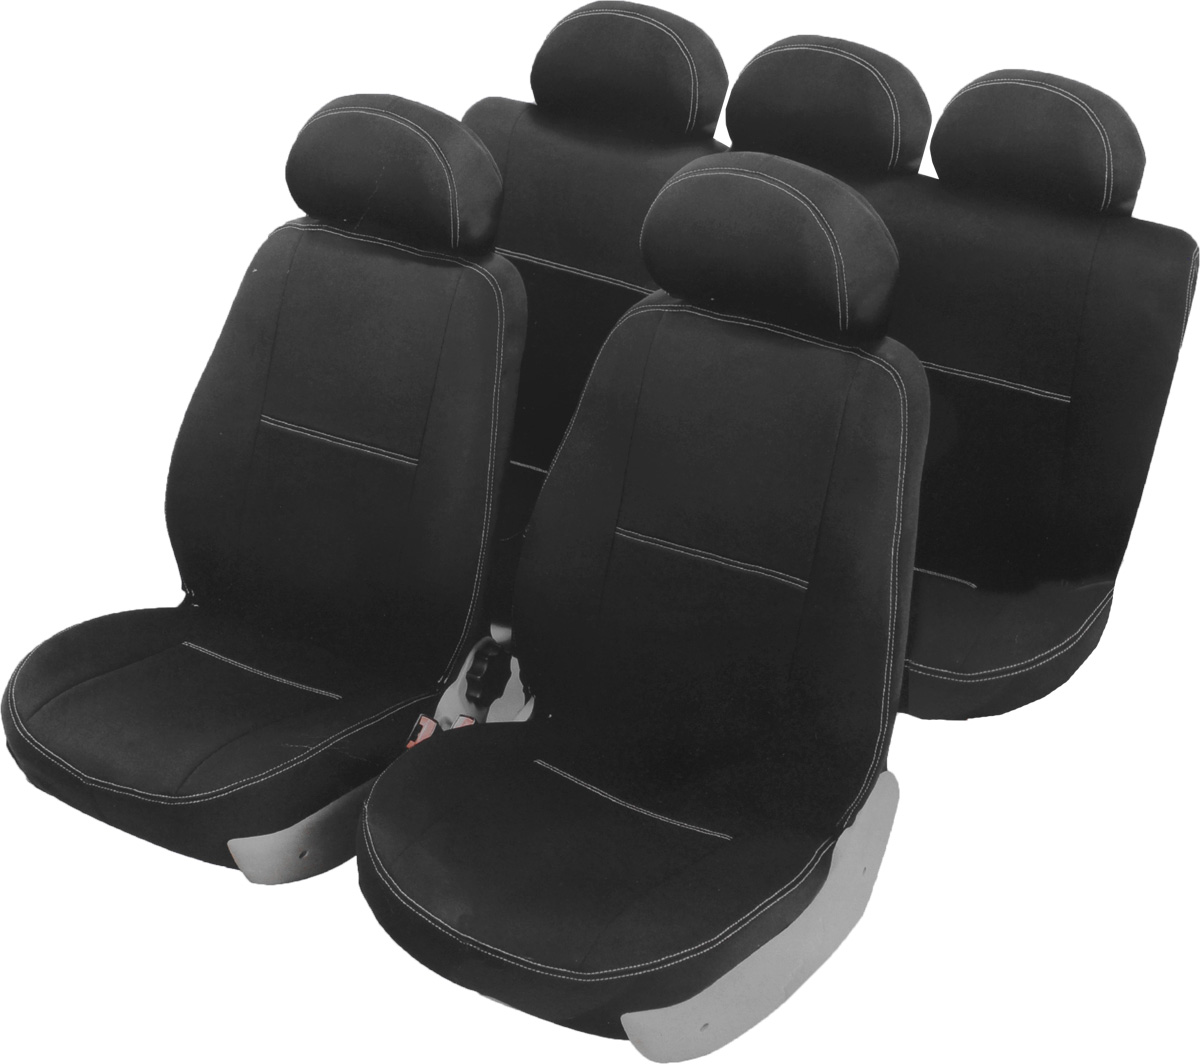 Чехлы автомобильные Azard Standard, для Hyundai Getz 2005-2011, раздельный задний рядA4011381Автомобильные чехлы Azard Standard изготовлены из качественного полиэстера, триплированного огнеупорным поролоном толщиной 3 мм, за счет чего чехол приобретает дополнительную мягкость. Подложка из спандбонда сохраняет свойства поролона и предотвращает его разрушение. Водительское сиденье имеет усиленные швы, все внутренние соединительные швы обработаны оверлоком. Чехлы идеально повторяют штатную форму сидений и выглядят как оригинальная обивка. Разработаны индивидуально для каждой модели автомобиля. Дизайн чехлов Azard Standard приближен к оригинальной обивке салона. Двойная декоративная контрастная прострочка по периметру авточехлов придает стильный и изысканный внешний вид интерьеру автомобиля. В спинках передних сидений расположены карманы, закрывающиеся на молнию. Чехлы сохраняют полную функциональность салона - трансформация сидений, возможность установки детских кресел ISOFIX, не препятствуют работе подушек безопасности AIRBAG и подогреву сидений. Для простоты установки используется липучка Velcro, учтены все технологические отверстия. Авточехлы Azard Standard просты в уходе - загрязнения легко удаляются влажной тканью. Чехлы имеют раздельную схему надевания.